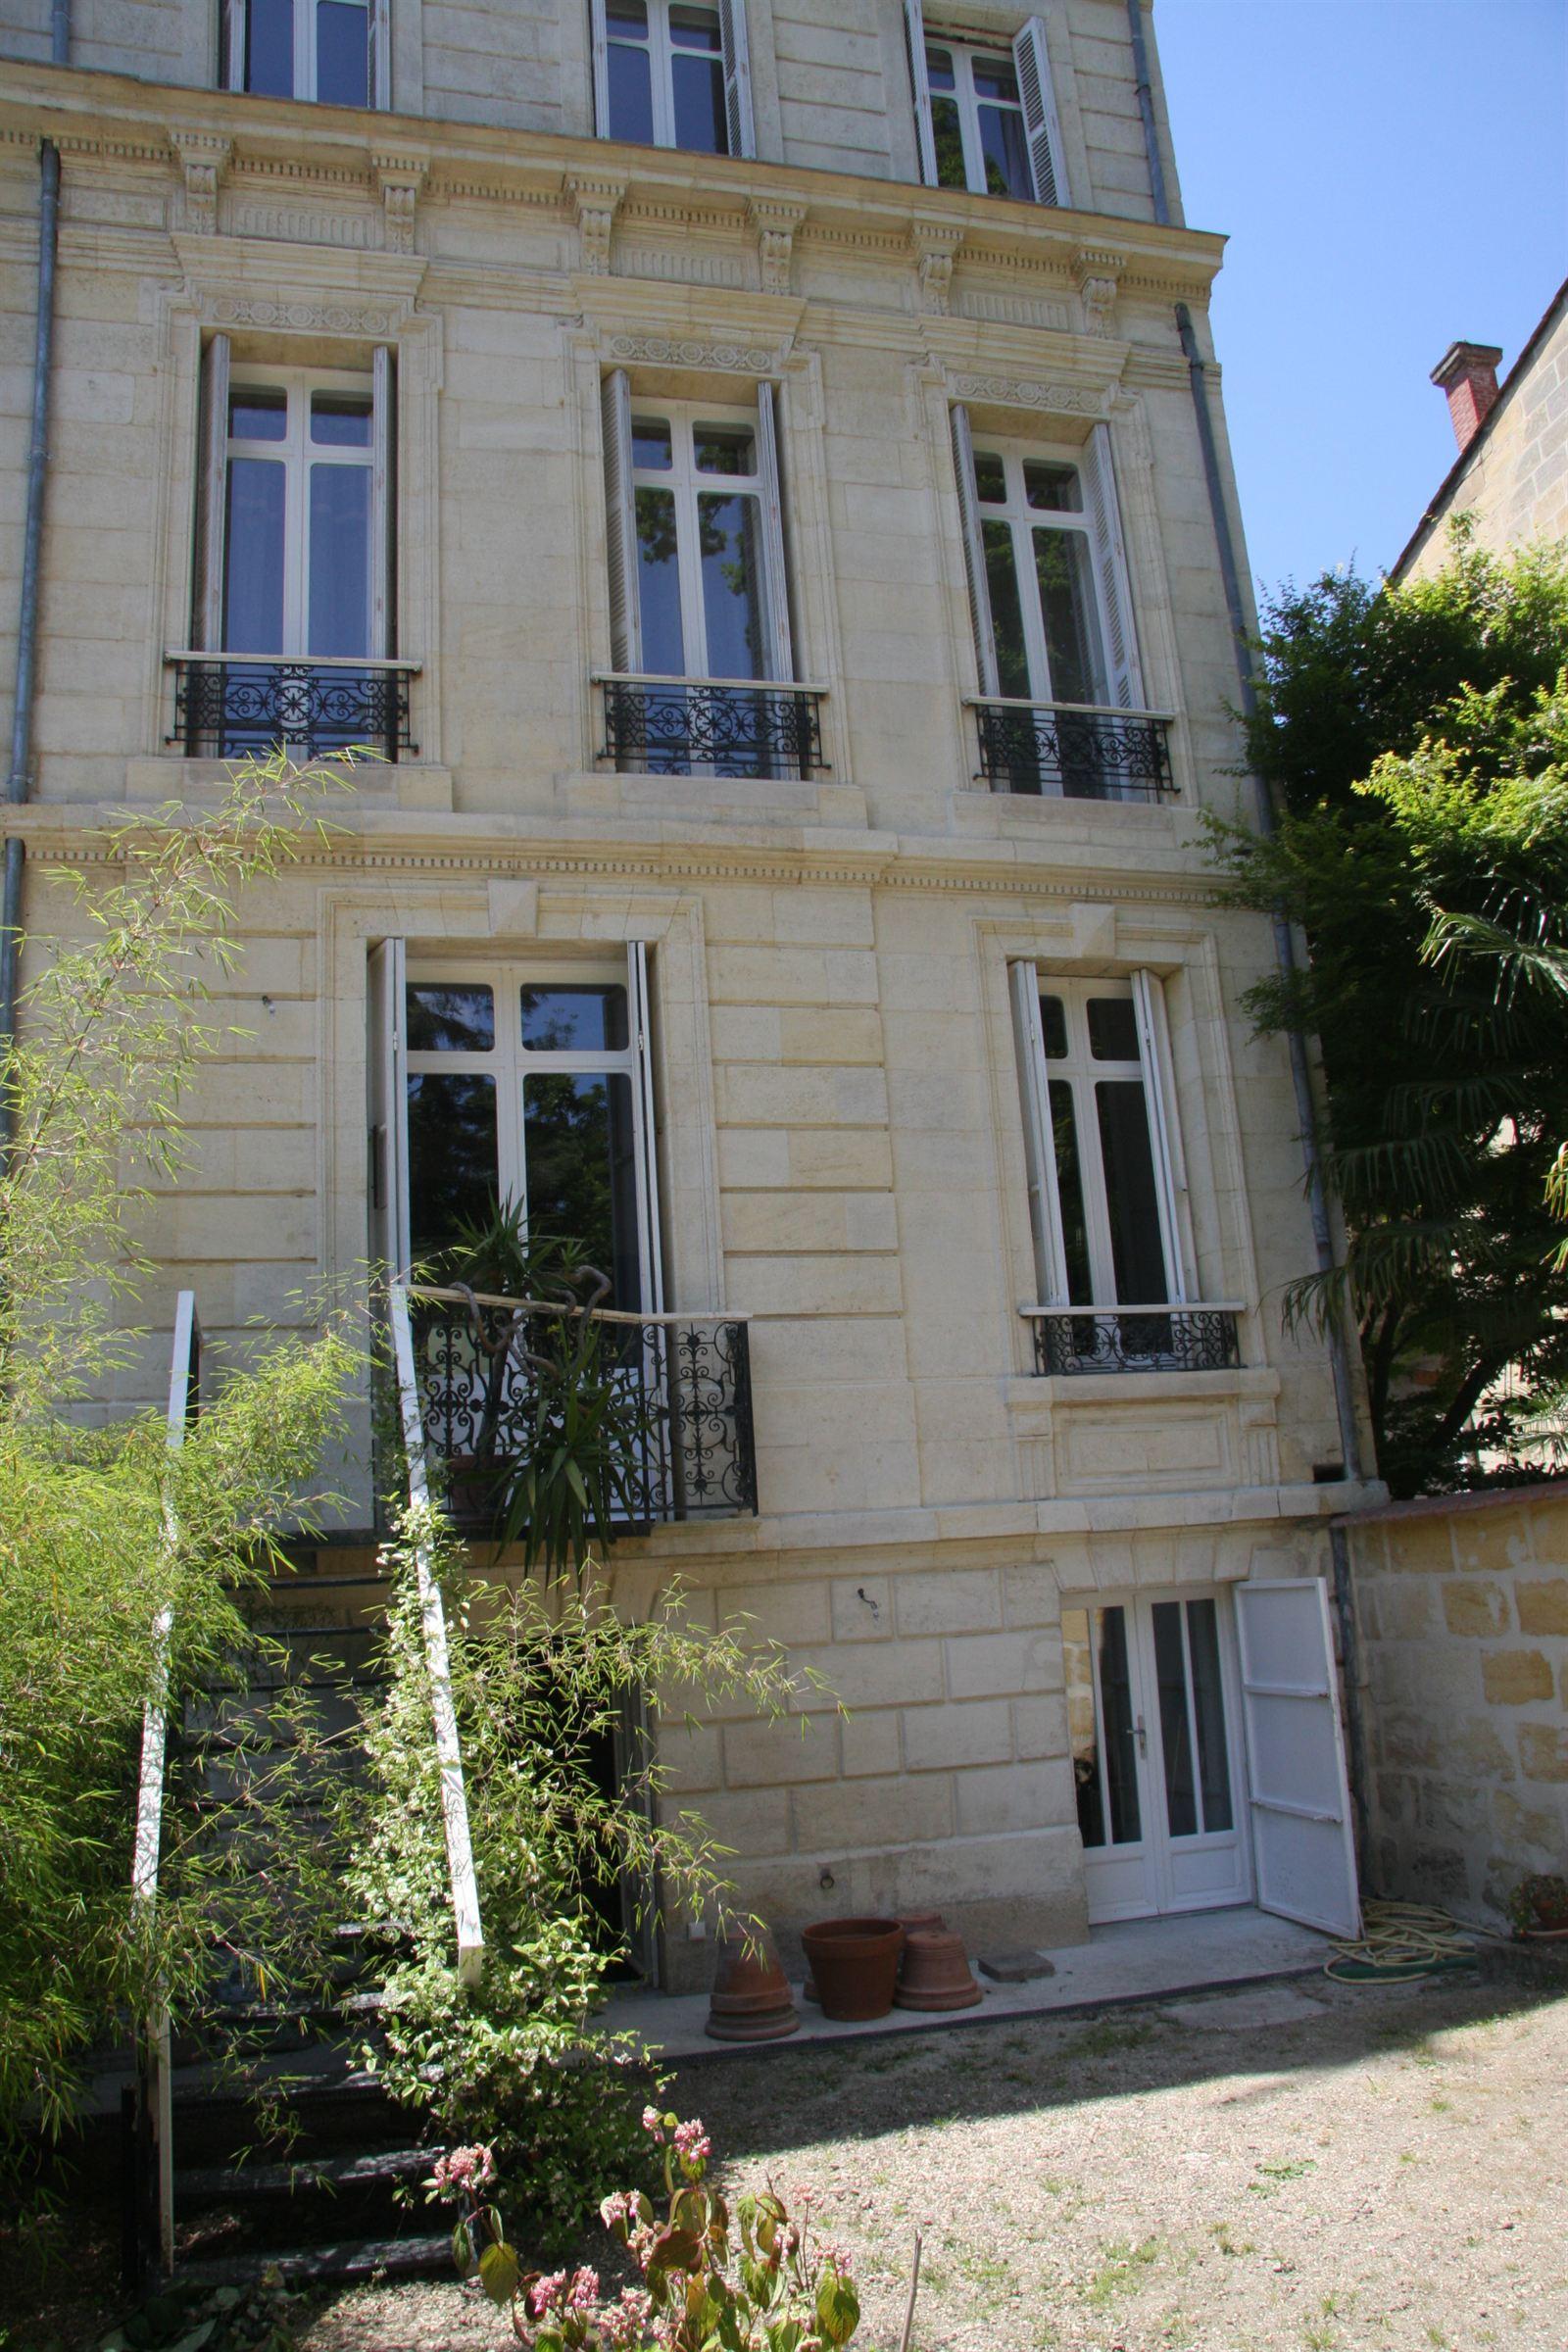 Maison unifamiliale pour l Vente à View of Public Garden – Private Townhouse with garage Bordeaux, Aquitaine 33000 France